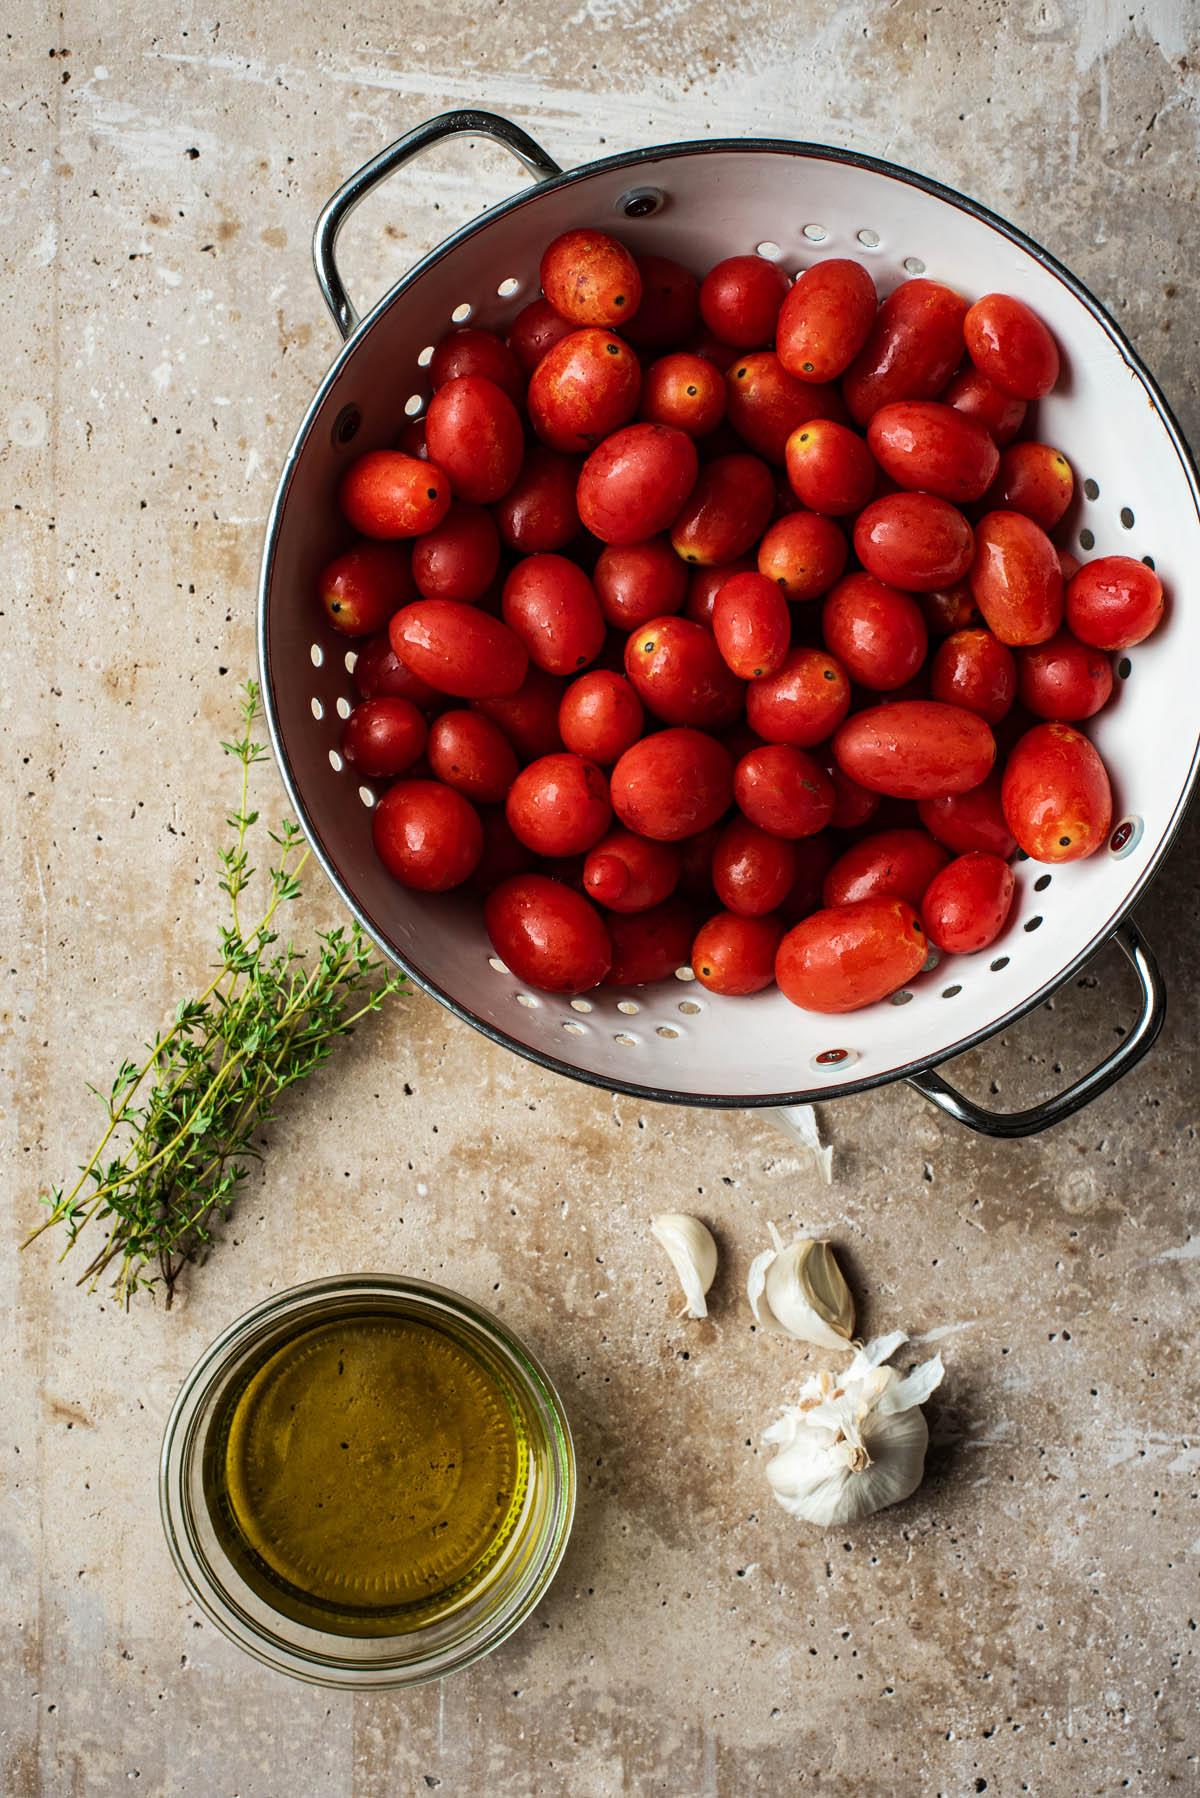 Tomato confit ingredients.